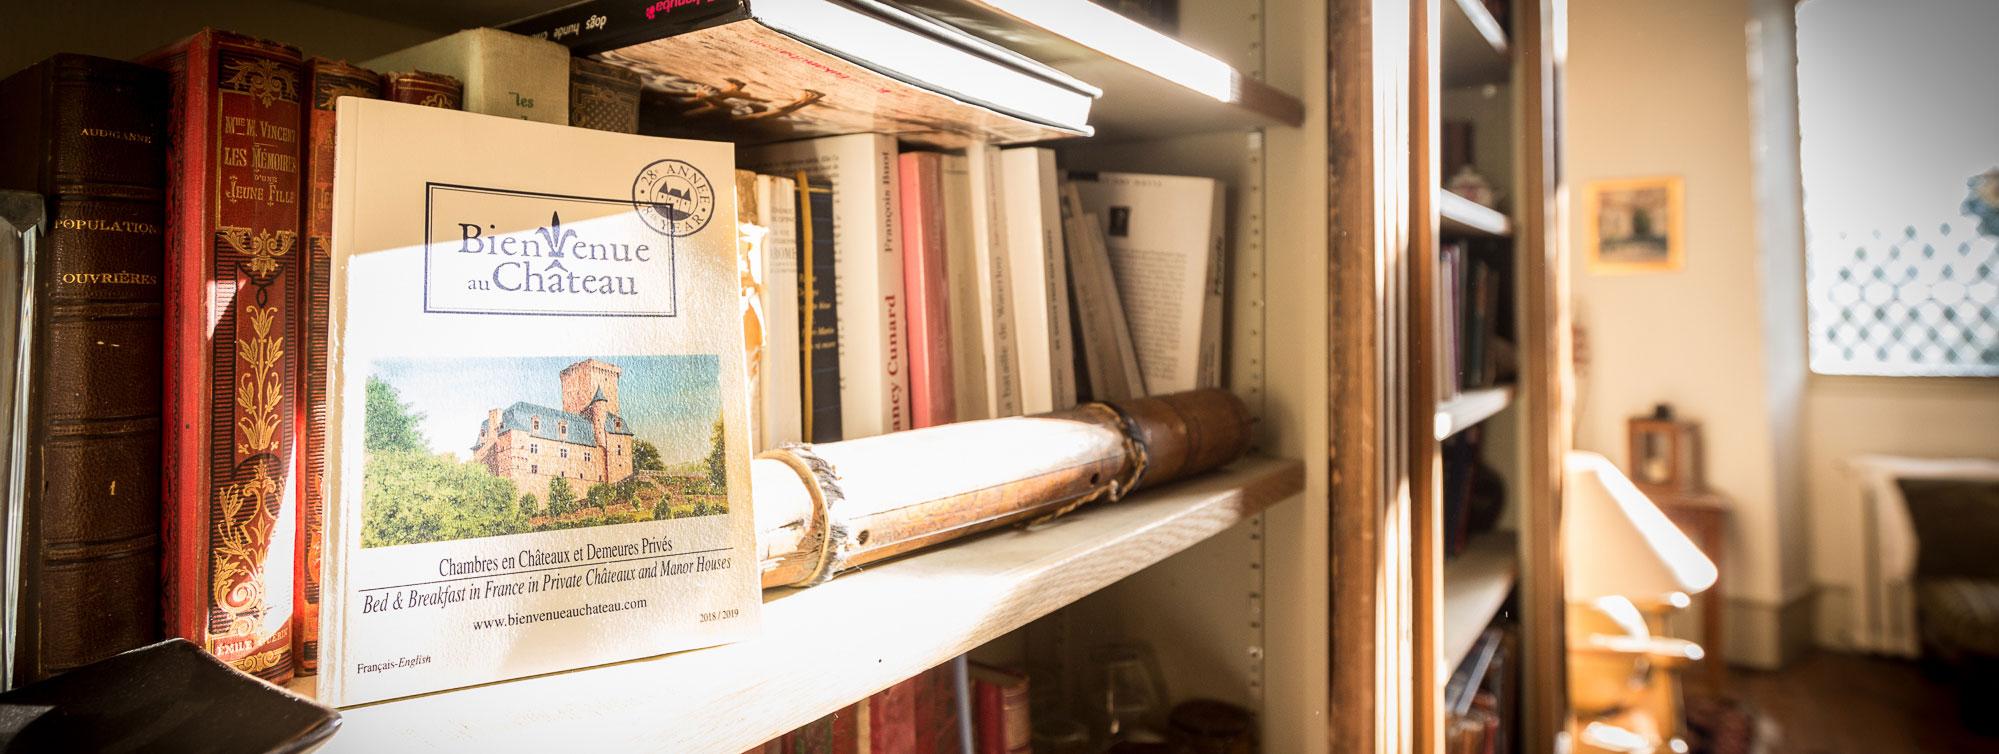 Chambres et et suites d'hôtes du Château de Maumont ©S.La Clef-Chateau de Maumont